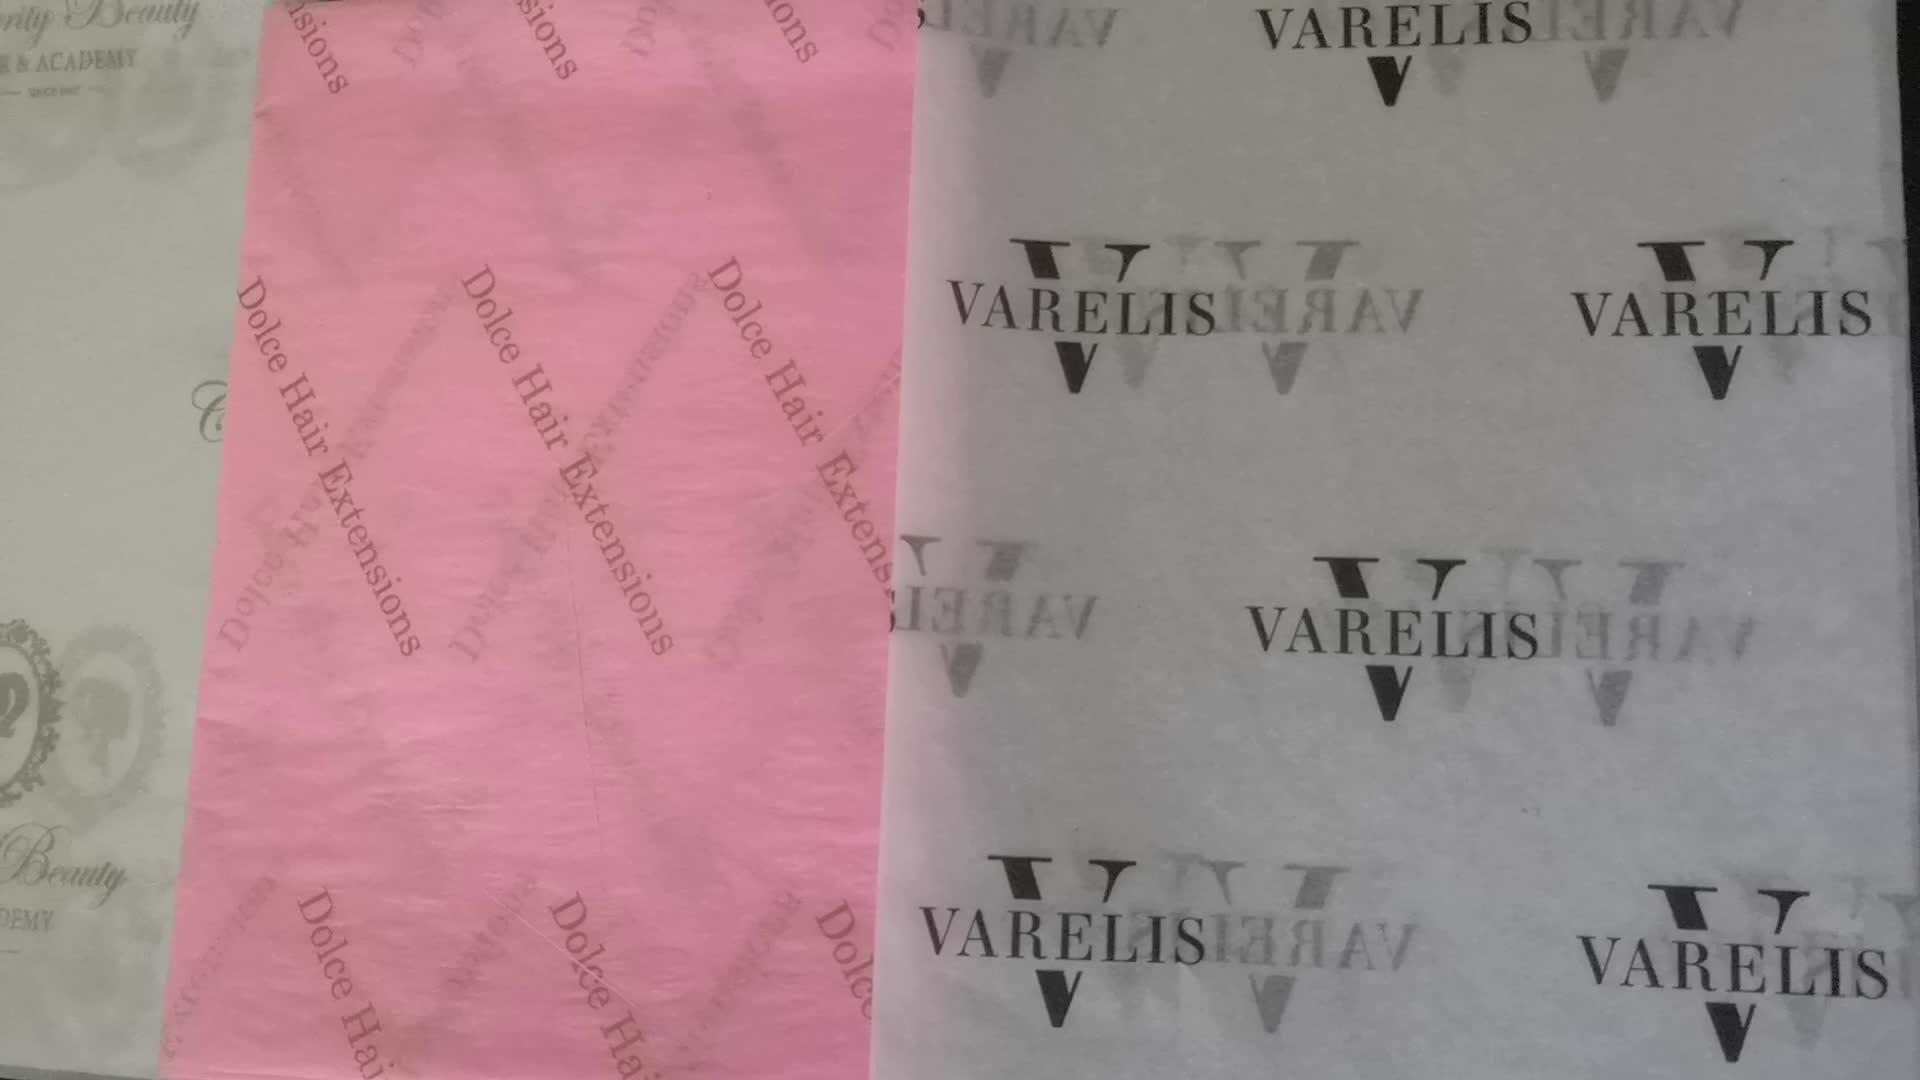 ZPT1-974 Custom พิมพ์สีเทาโลโก้ของขวัญห่อกระดาษทิชชูกระดาษ, ขายส่งผม bundle ห่อสีขาวบรรจุกระดาษทิชชู